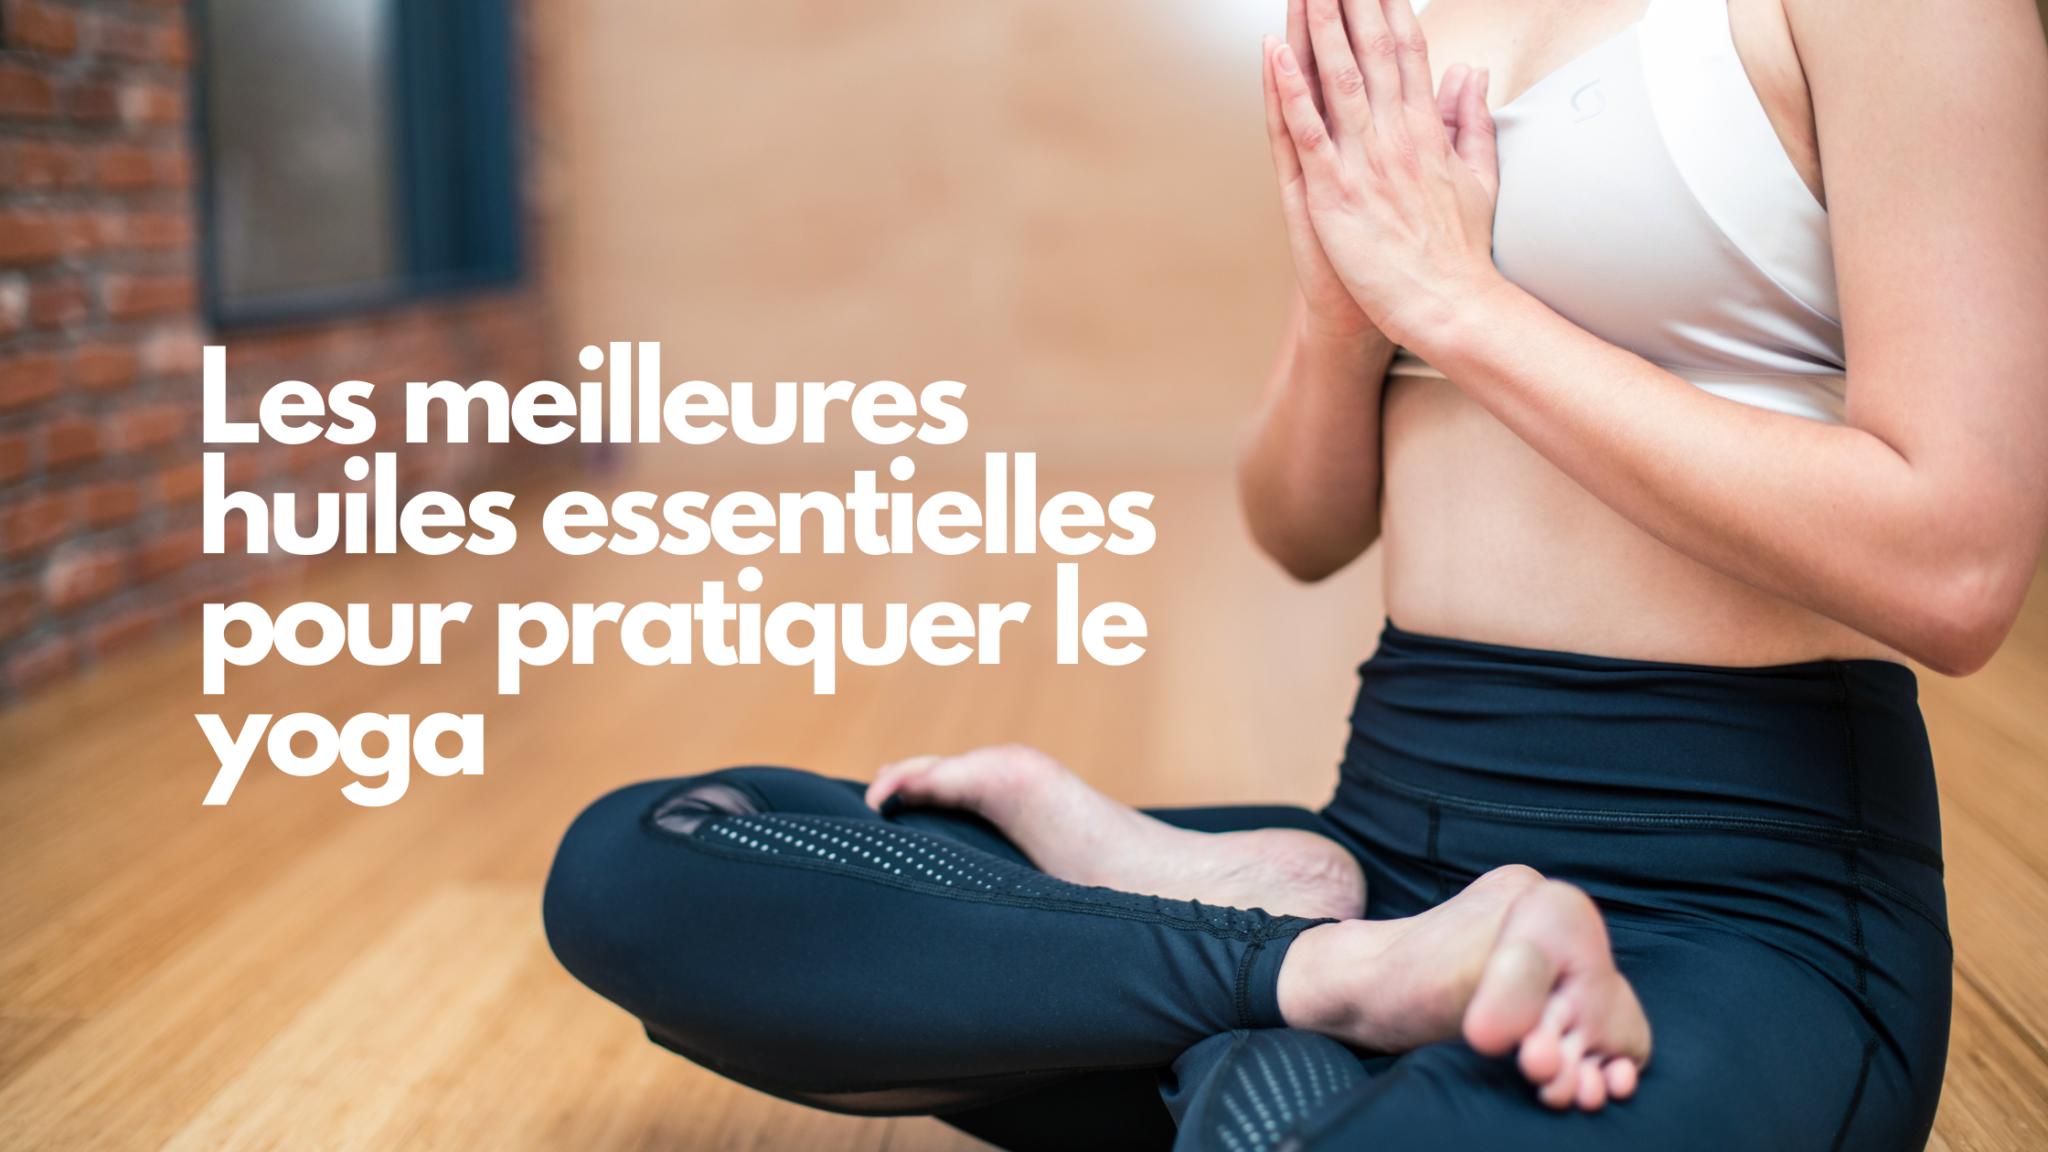 Les meilleures huiles essentielles pour pratiquer le yoga